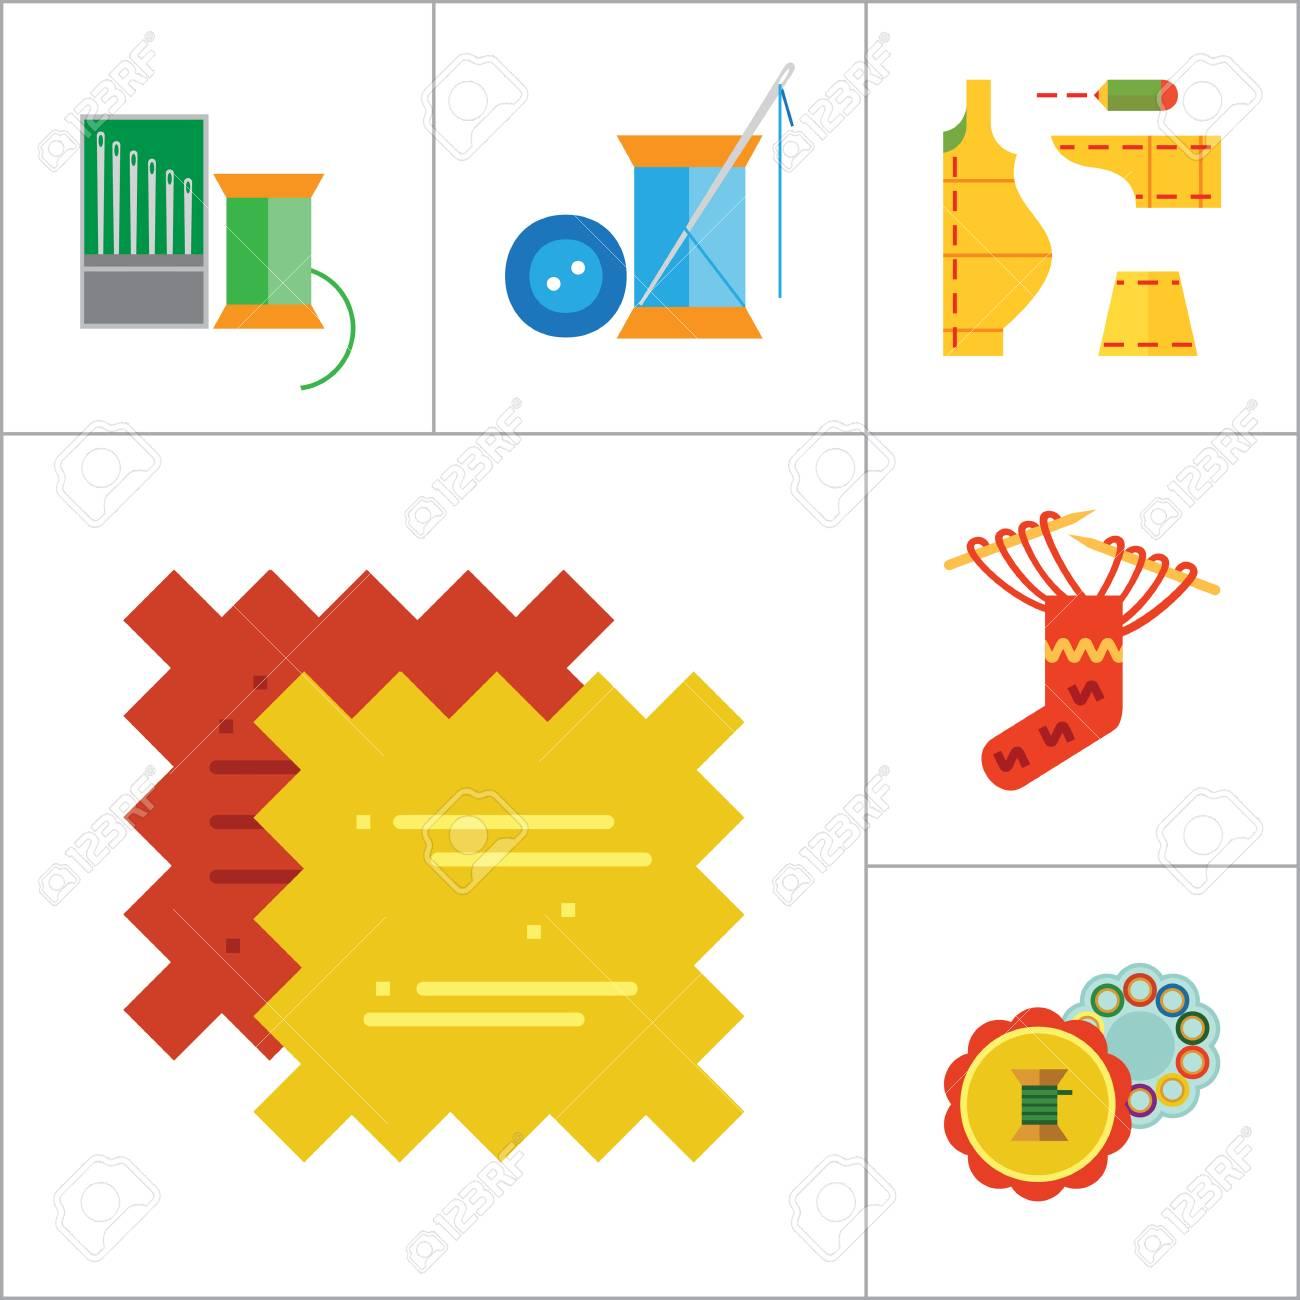 Iconos Set de costura con la máquina de coser, hilados, con agujas de tejer  y patrón de costura. Trece iconos vectoriales